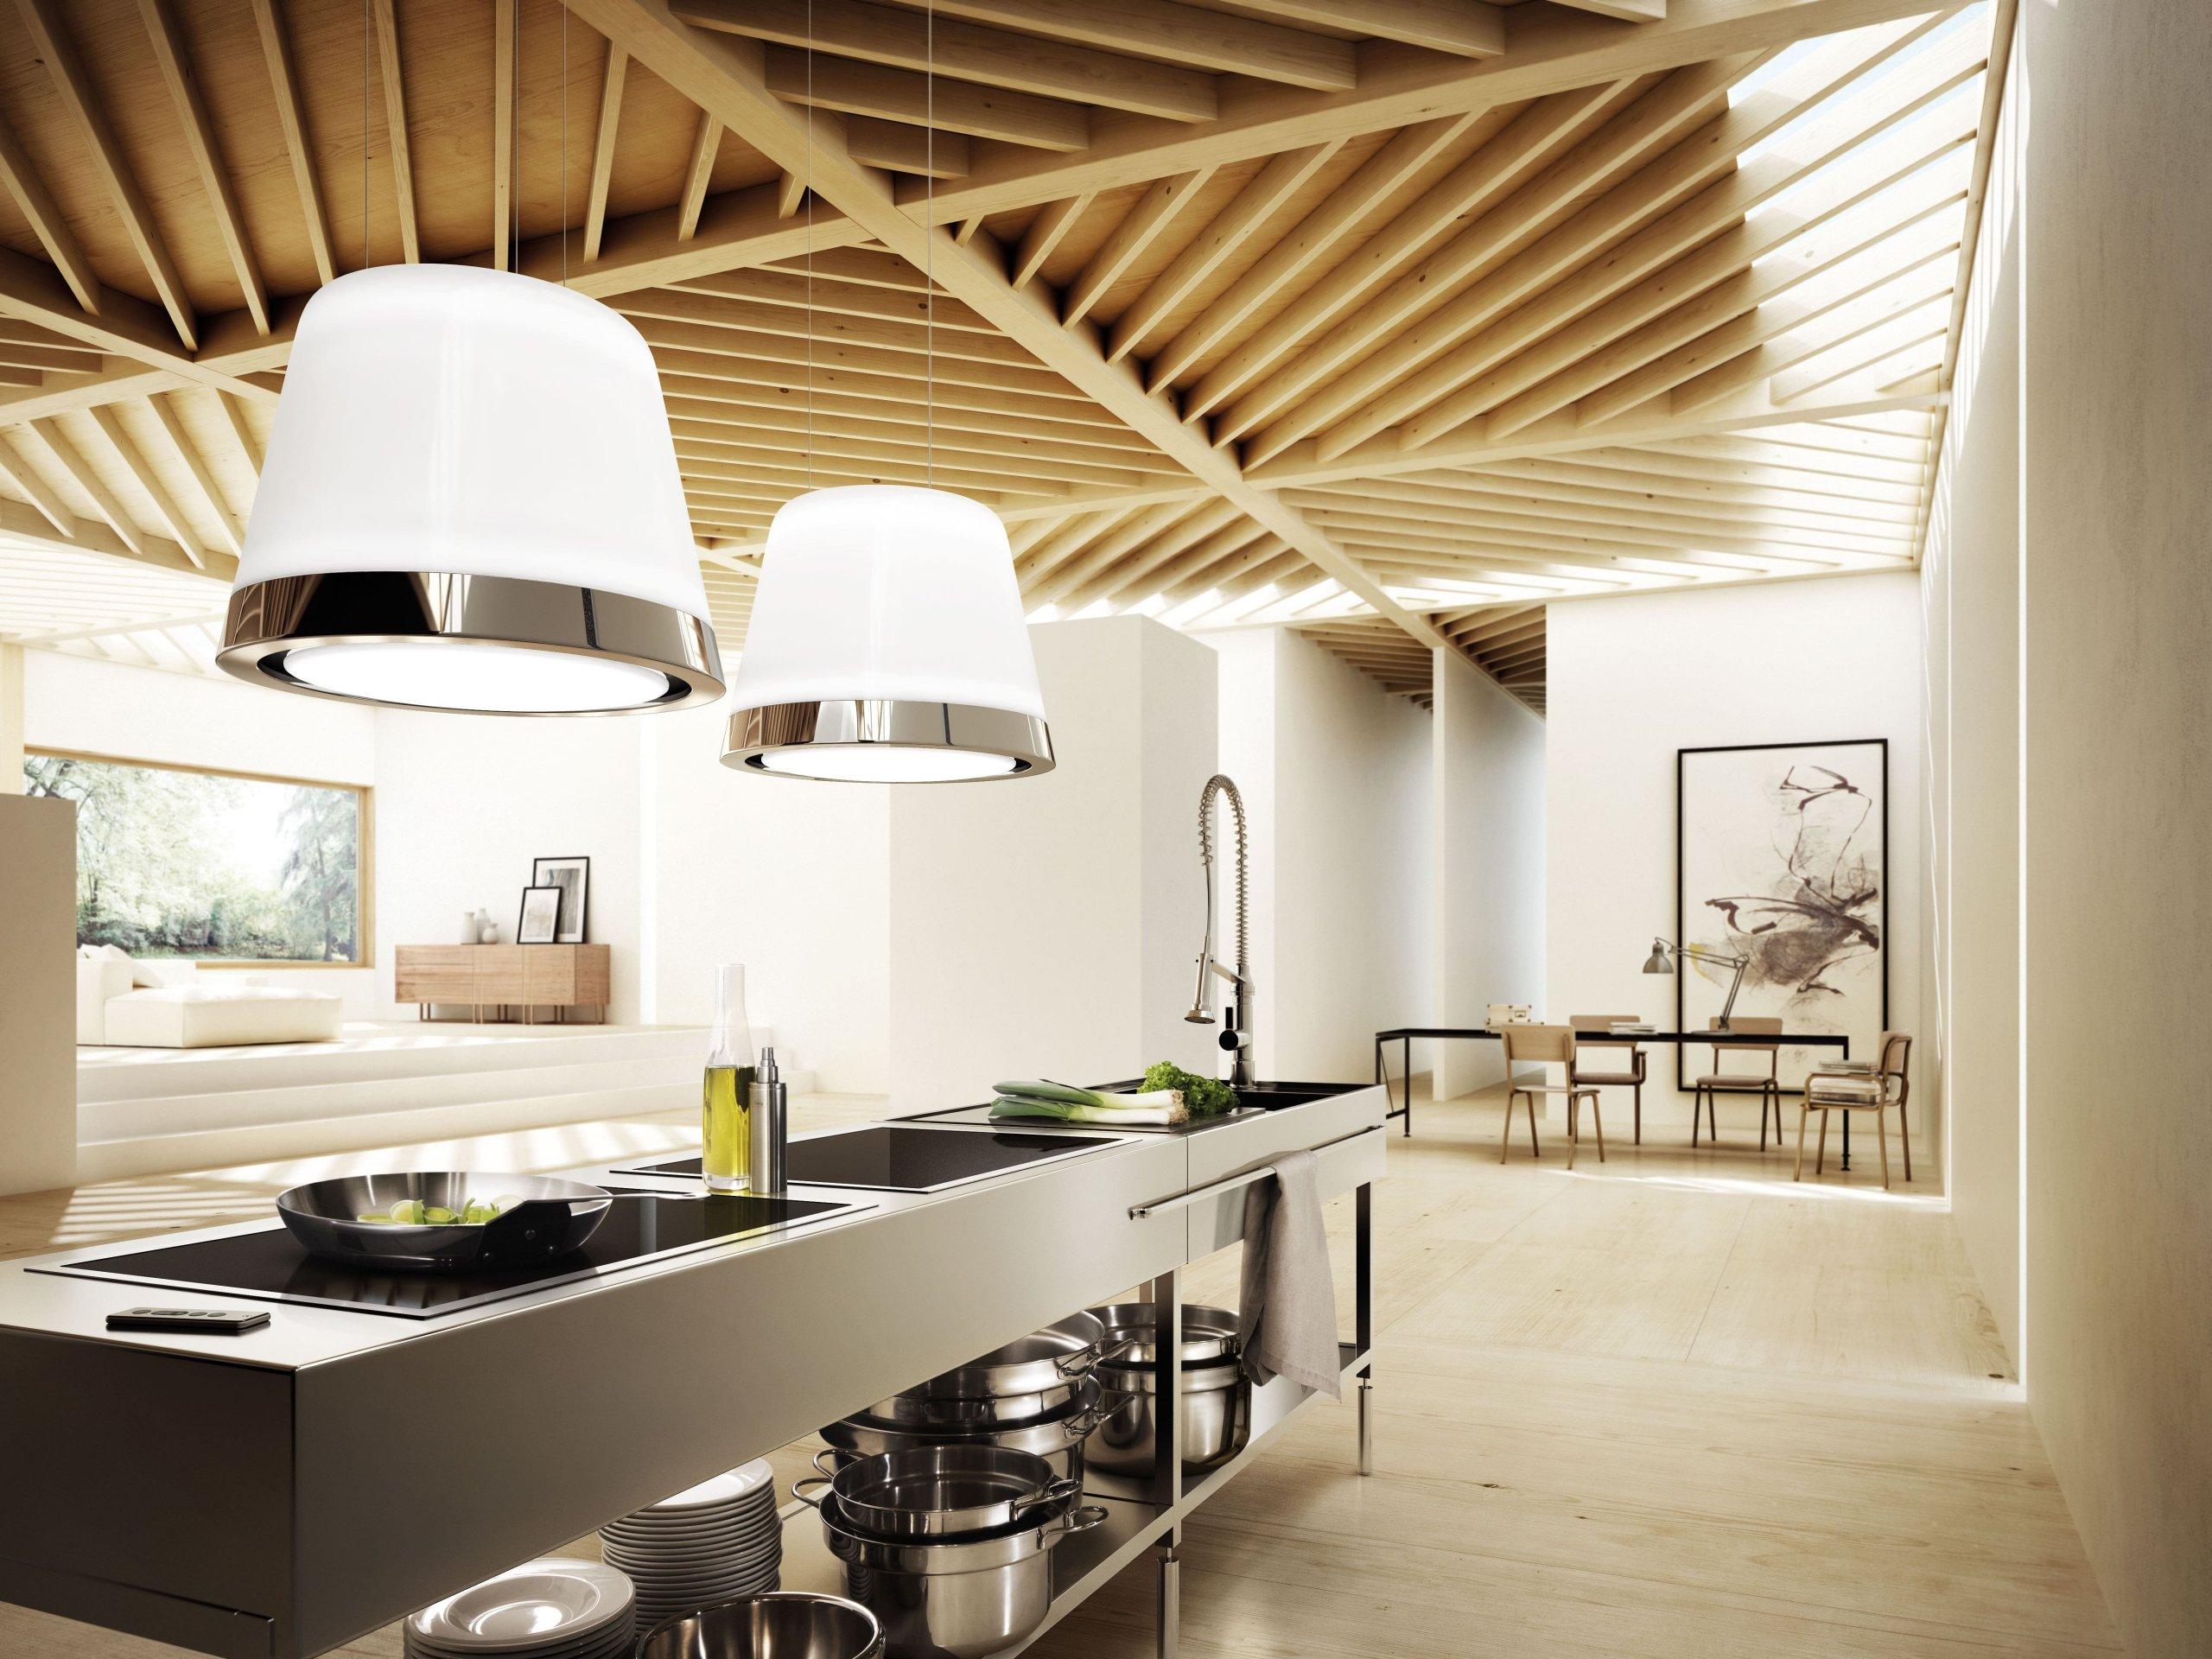 Zapomeňte na klasické digestoře, které kazí krásu vašich kuchyní.  Ukážeme vám digestoře, které nejen skvěle fungují, ale i nádherně vypadají. Okouzlí i vás?